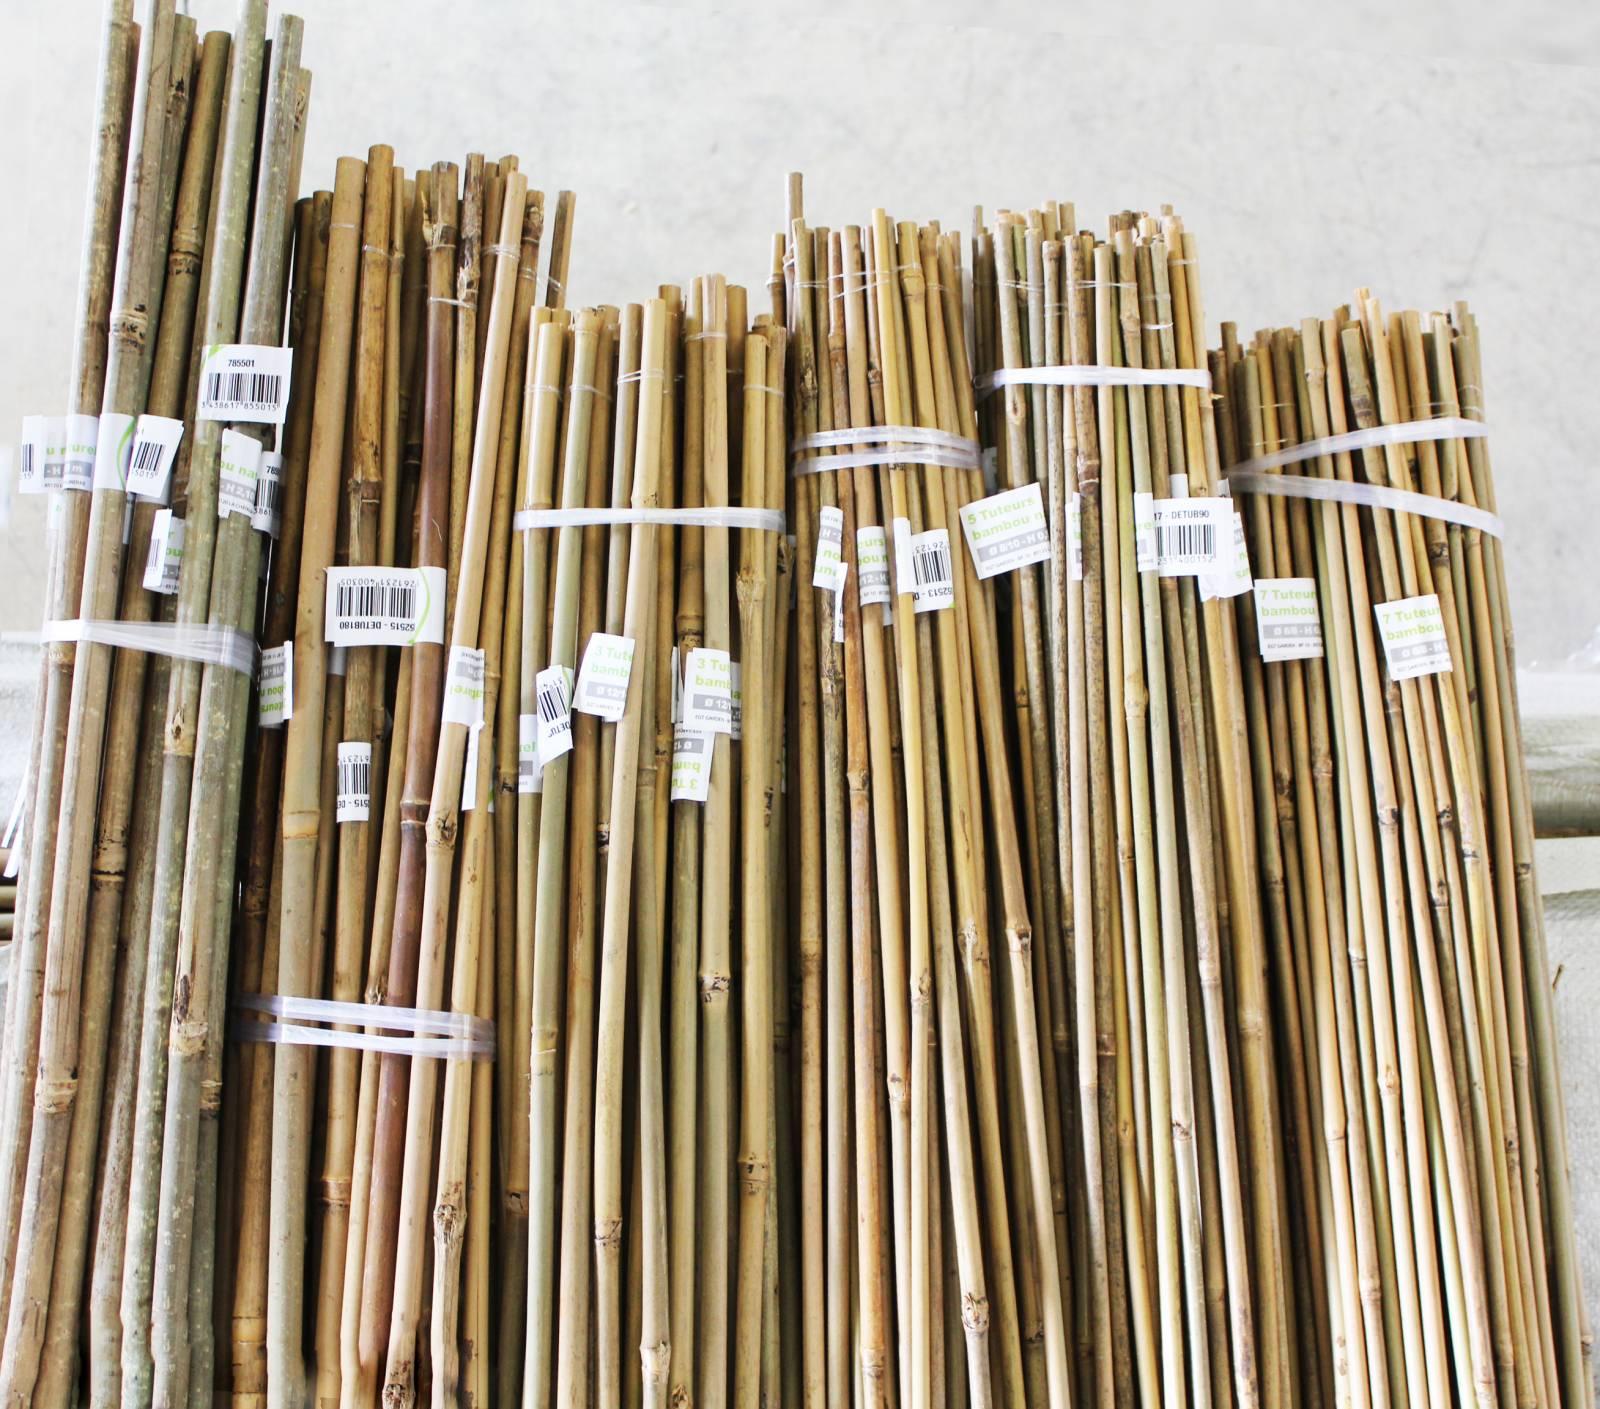 vente en gros de tuteur bambou naturel importateur de bambous et mati res v g tales naturelles. Black Bedroom Furniture Sets. Home Design Ideas